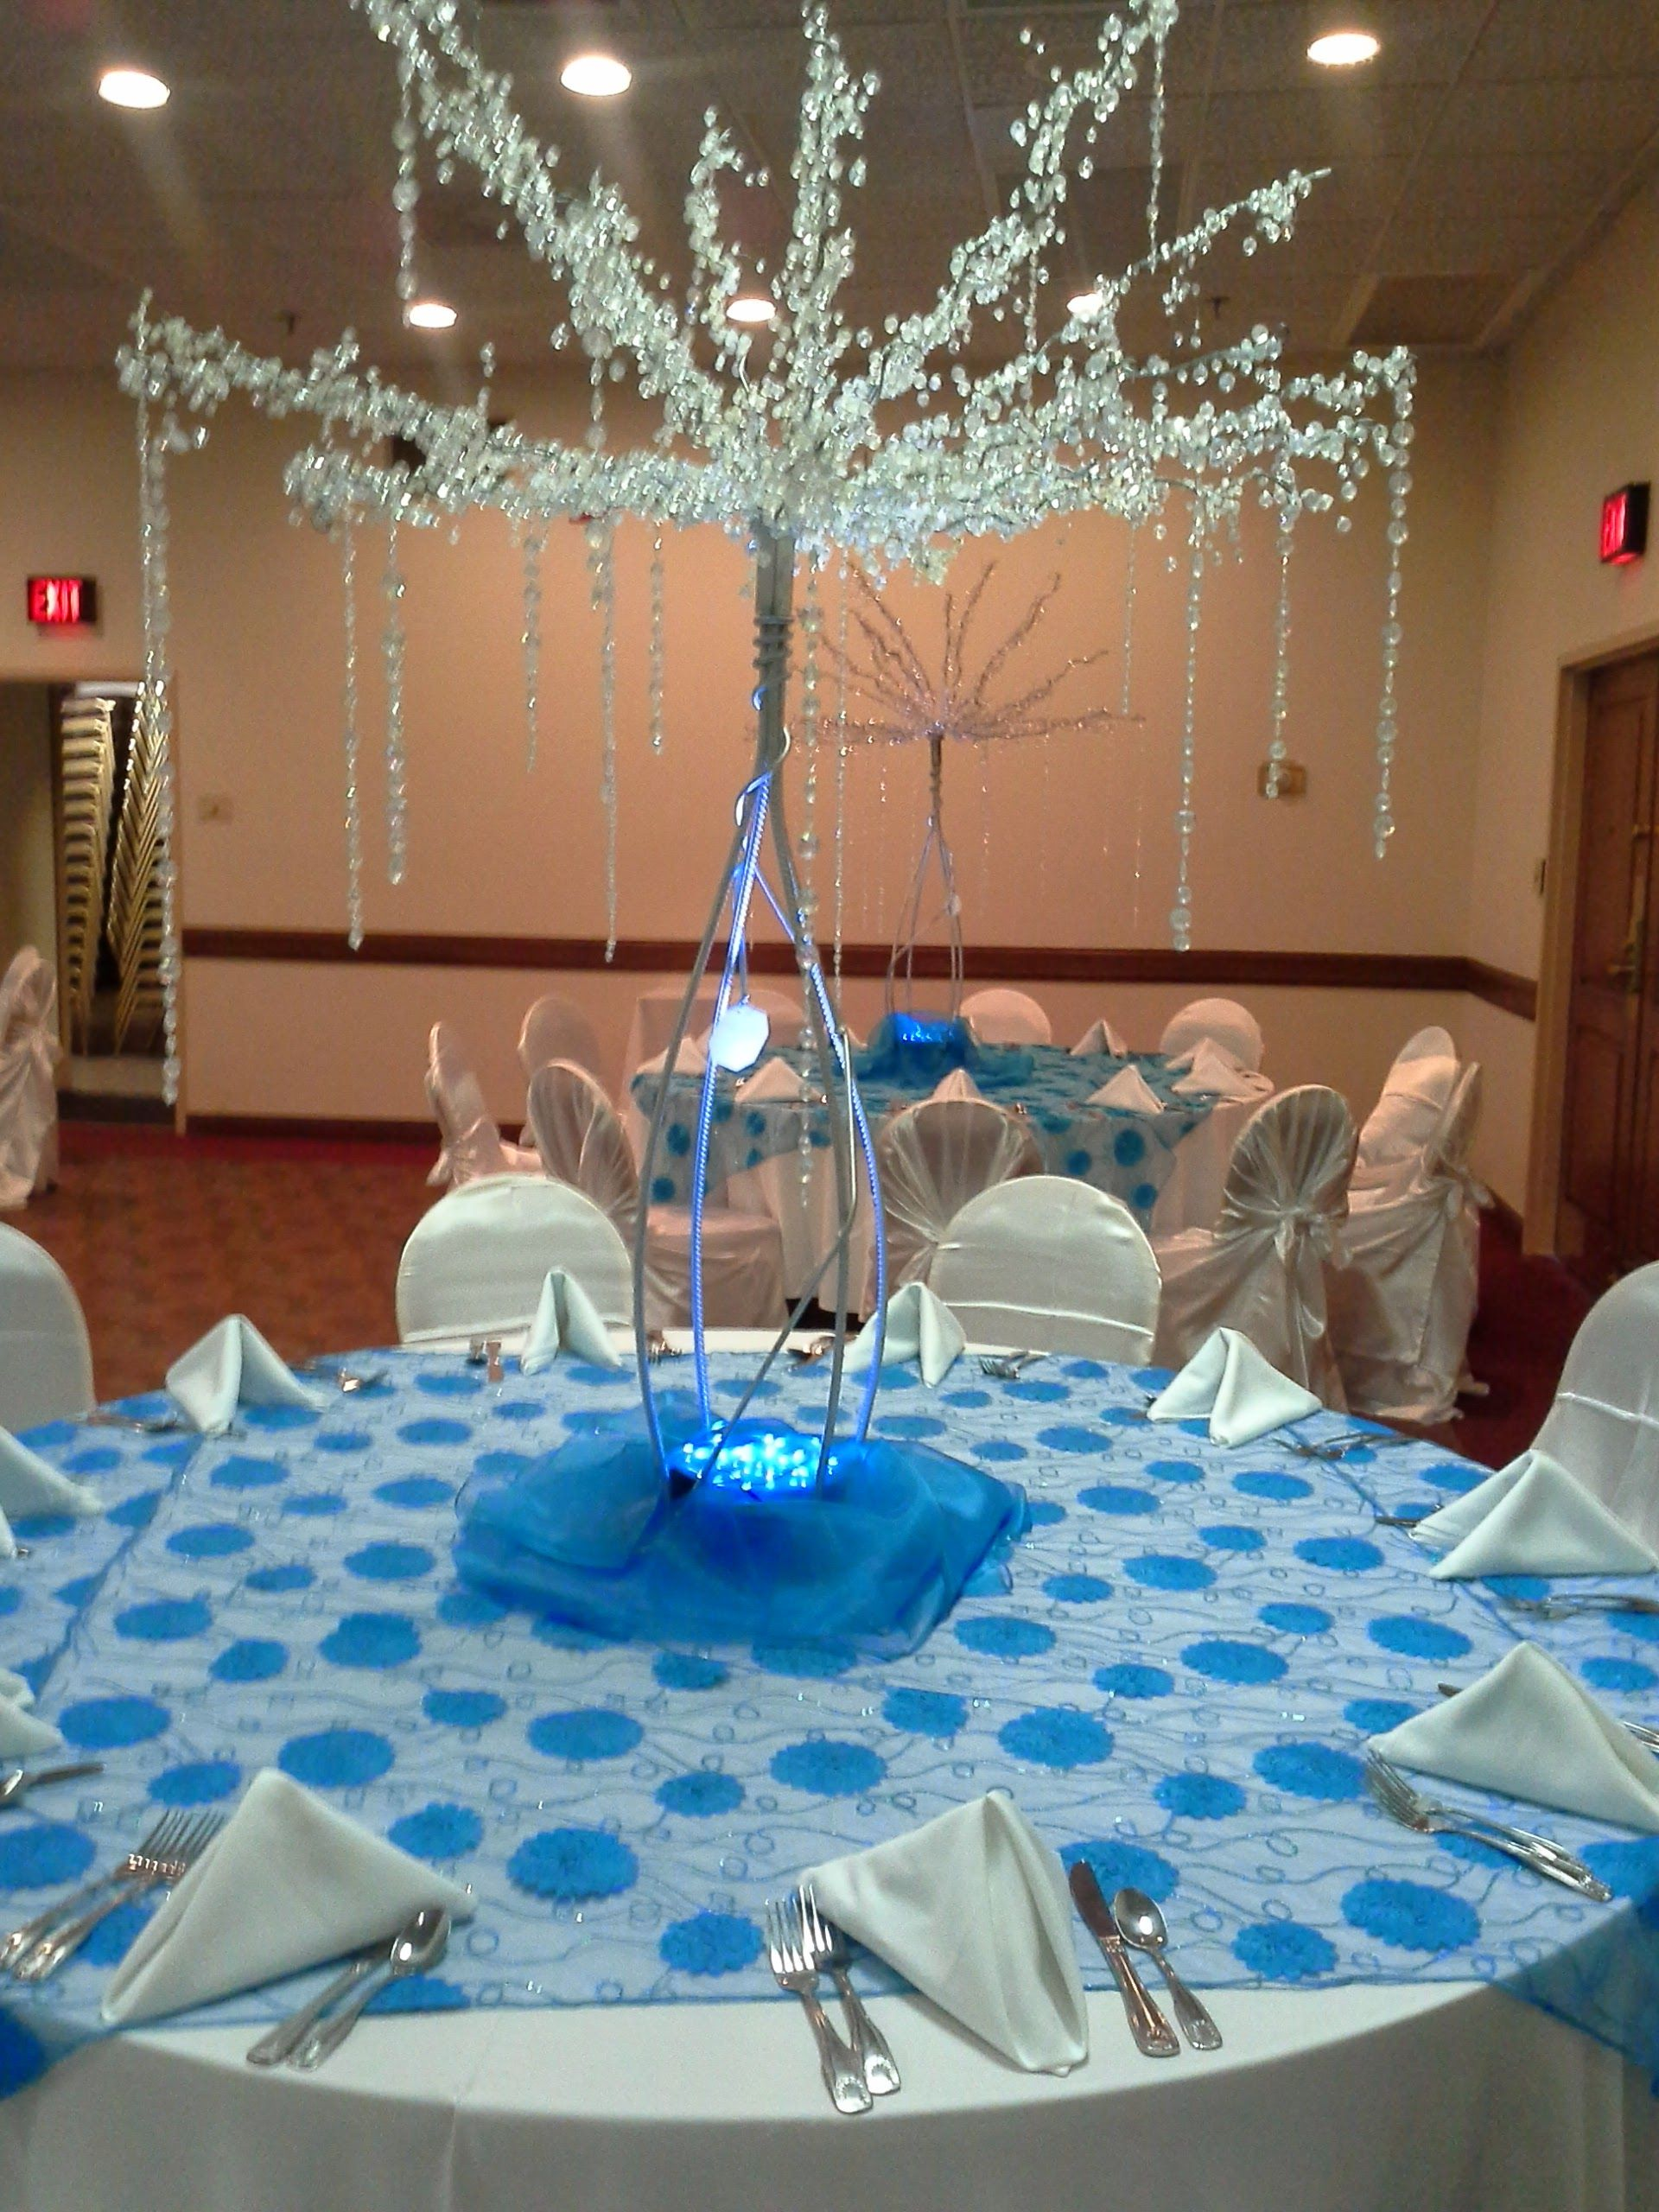 Decoraciones con color azul acua centro de mesa rbol de for Decoracion con piedras